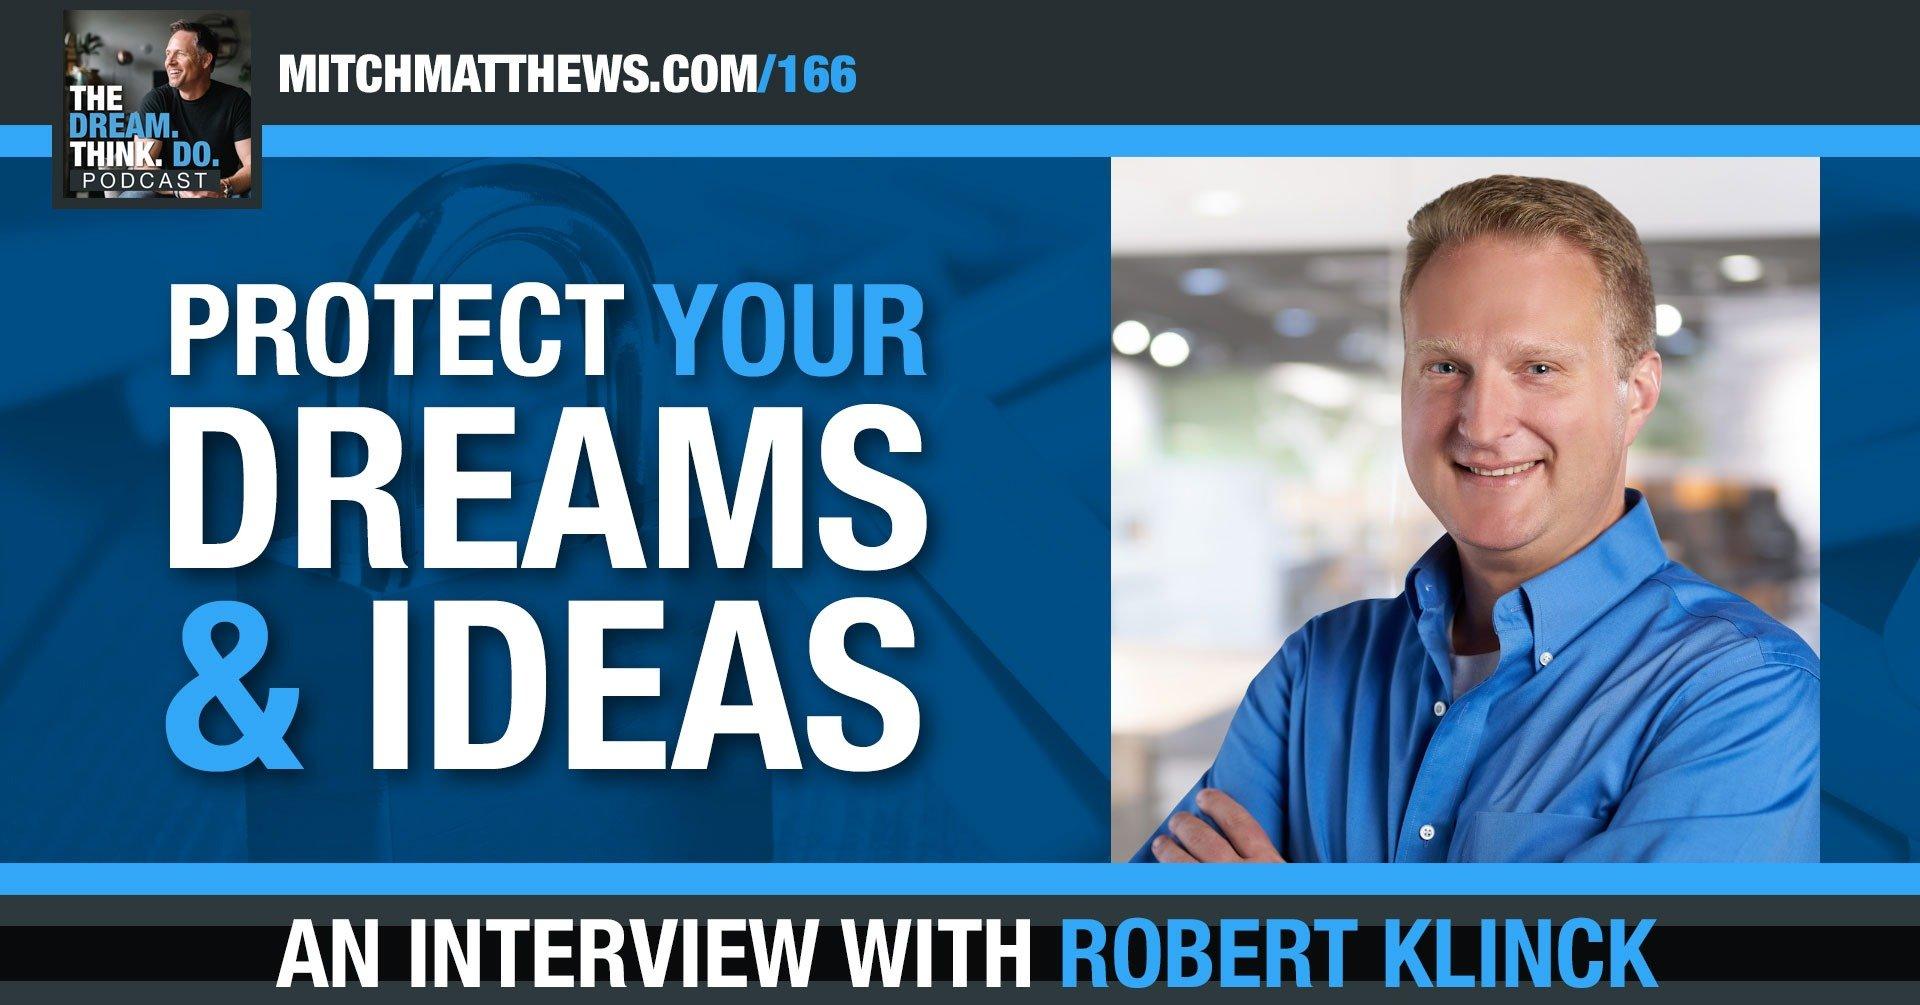 An interview with Robert Klinck